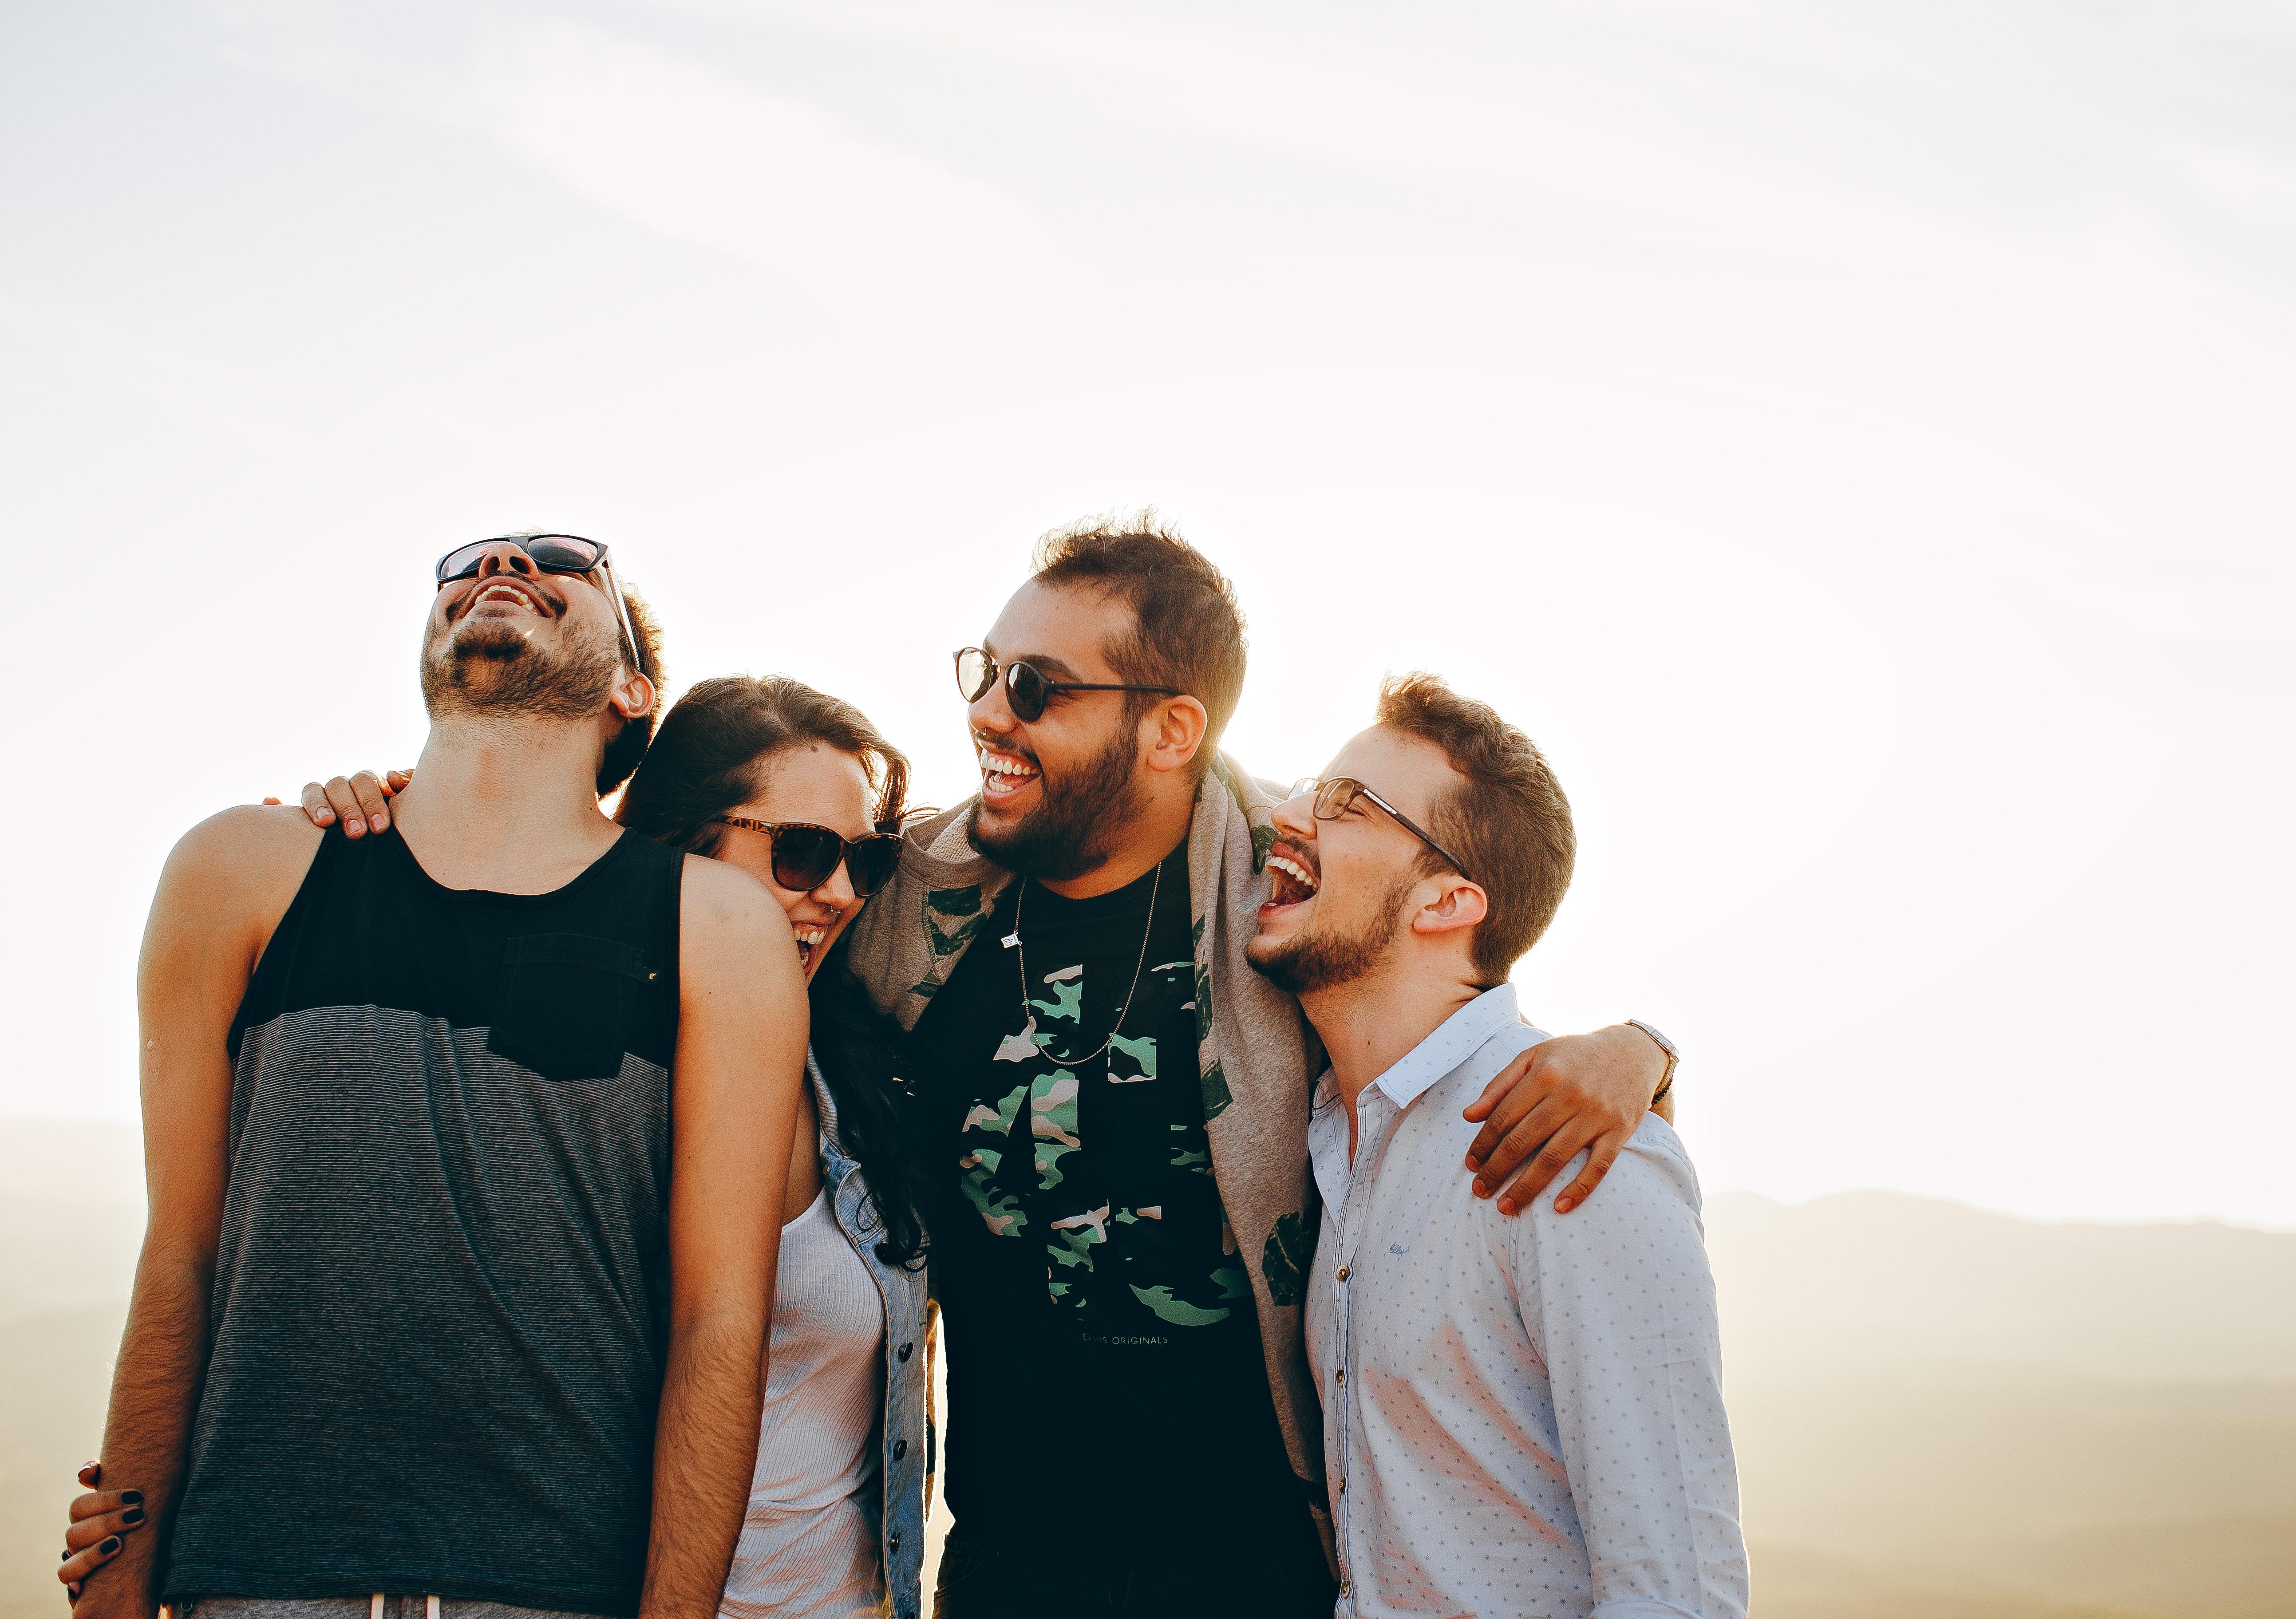 Společnost druhých lidí zvyšuje pocit spokojenosti v životě, uvádí studie